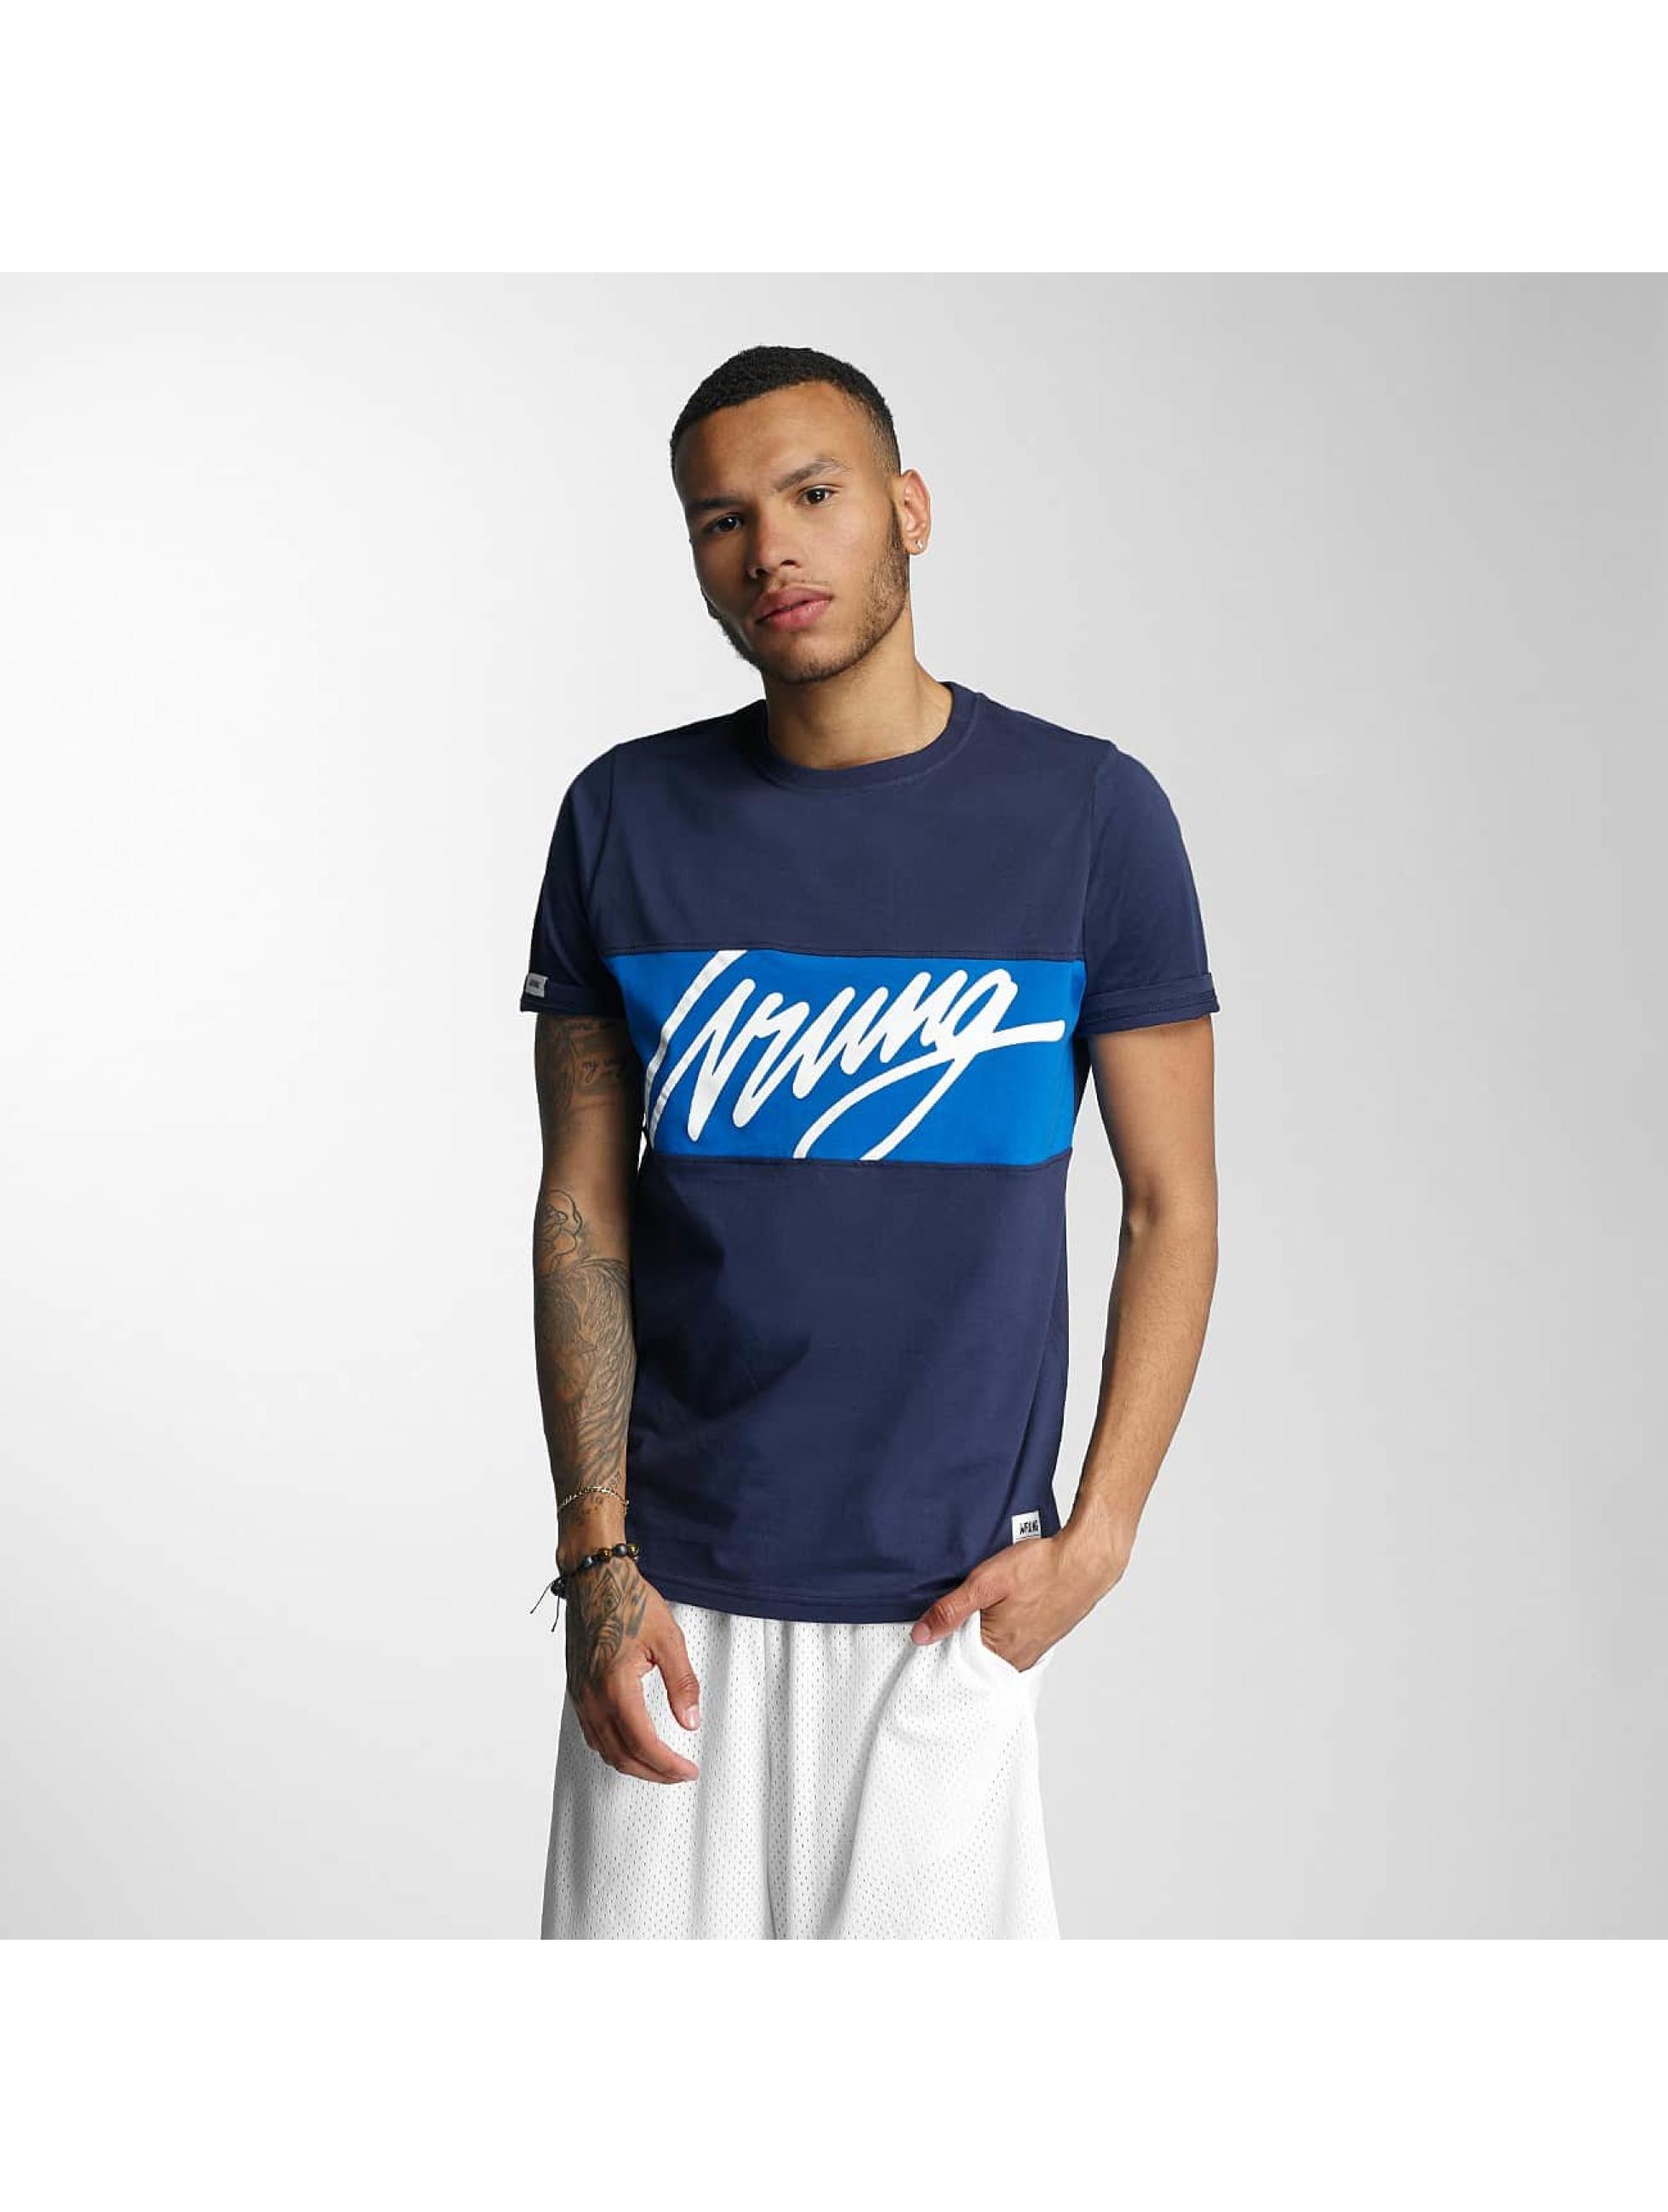 Wrung Division T-Shirt Flow blau